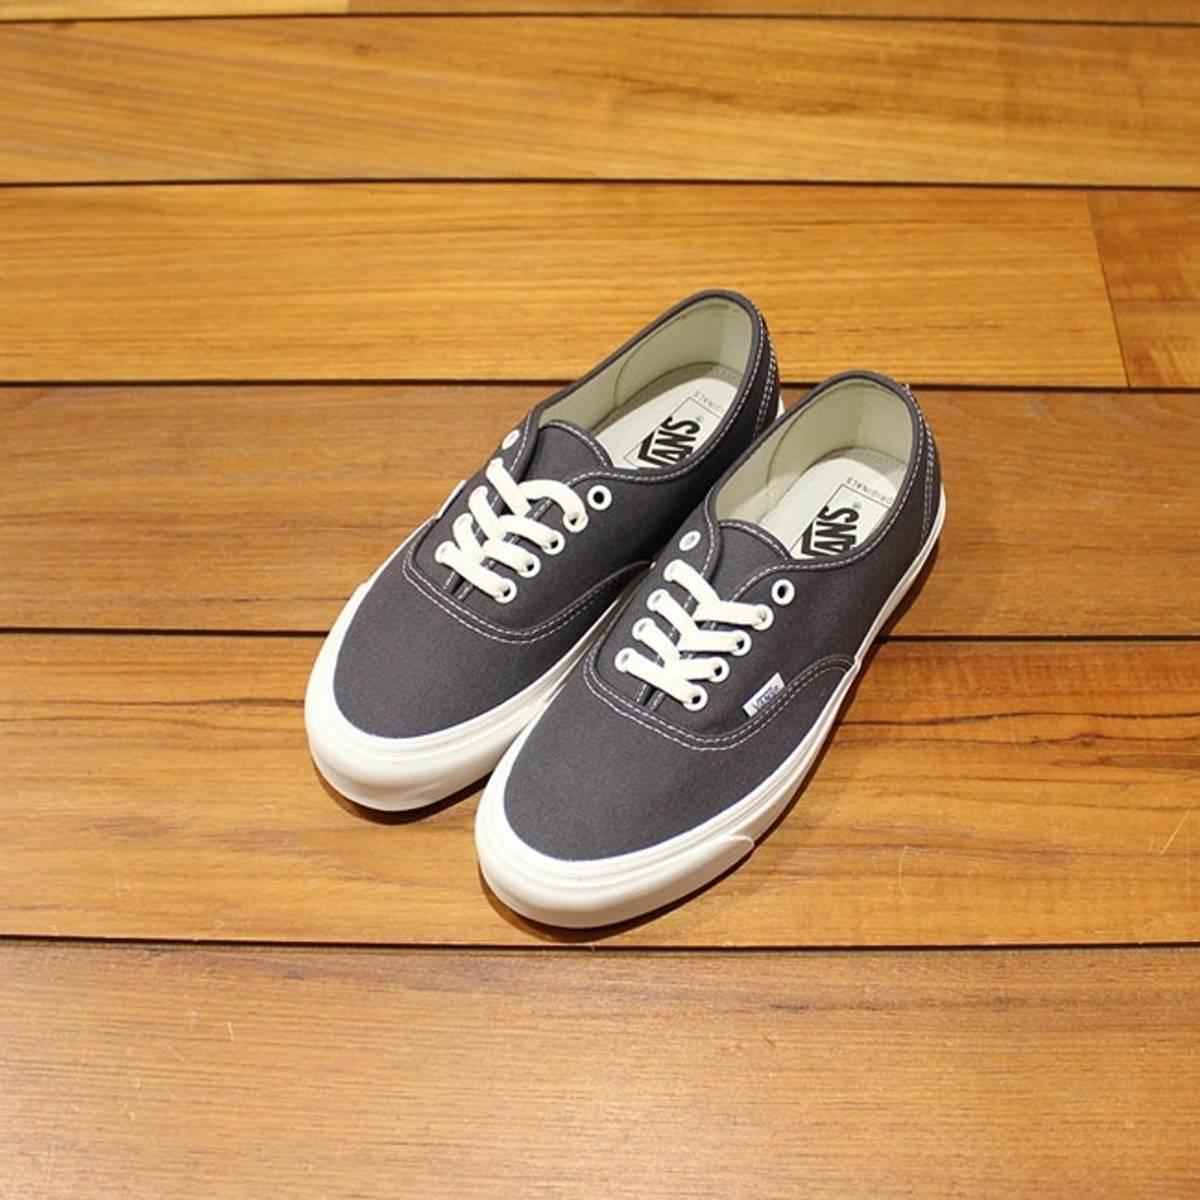 c56f57a81e9a Vans OG AUTHENTIC LX - ASPHALT BLACK Size 11 - Low-Top Sneakers for Sale -  Grailed